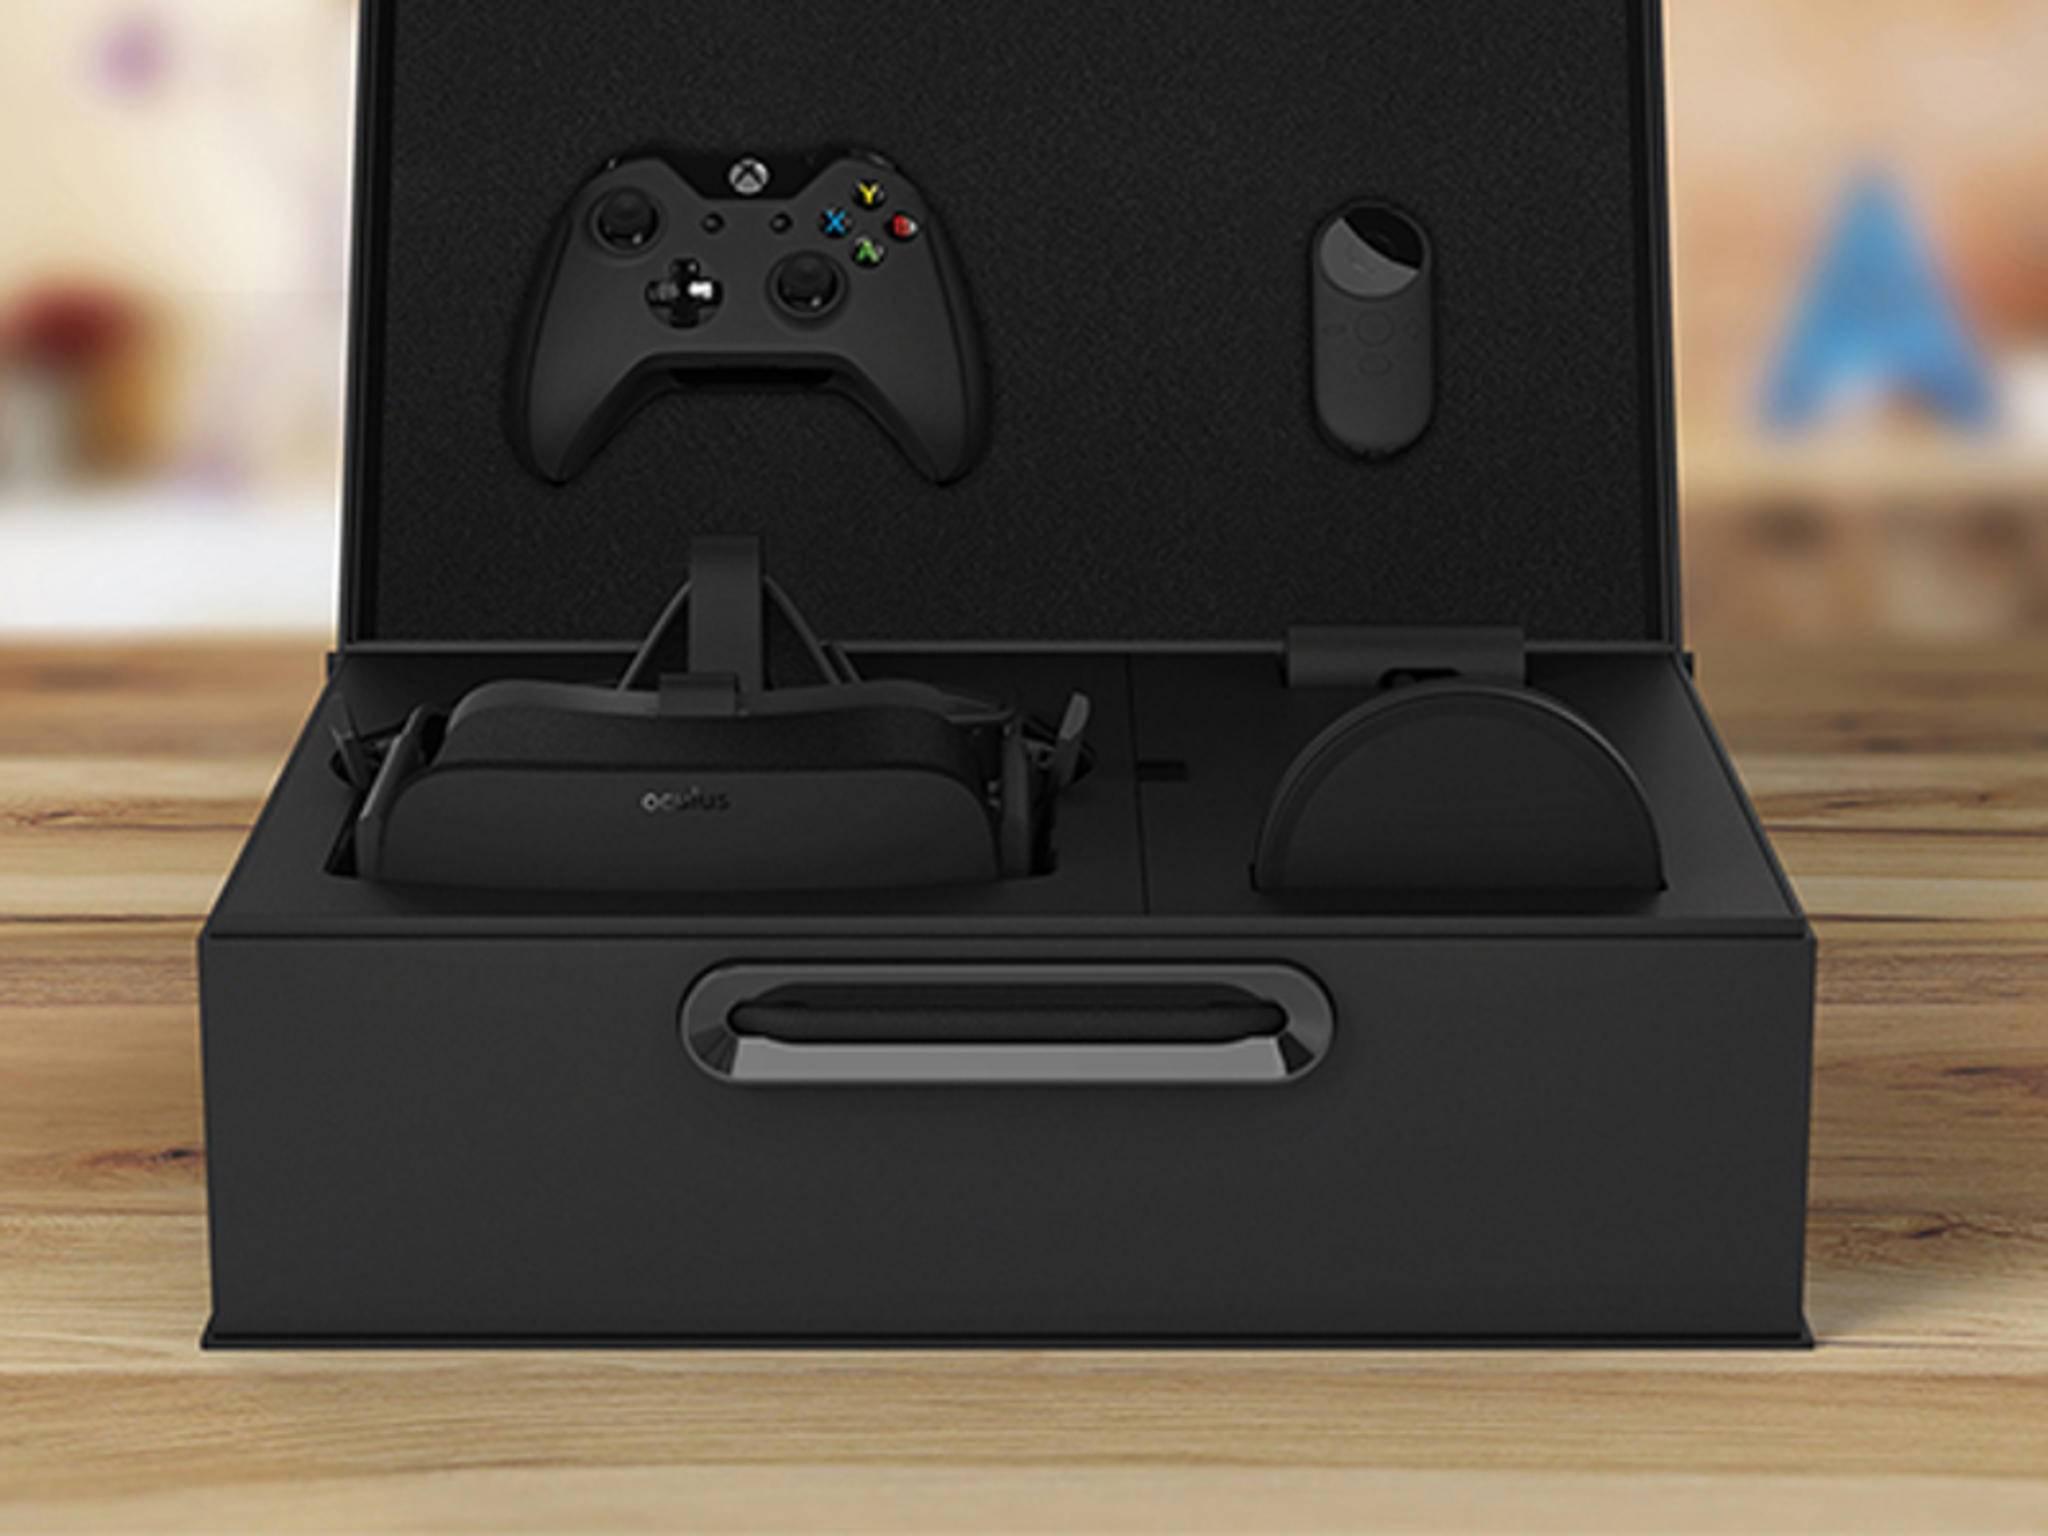 Die Oculus Rift kommt mit klassischem Gamepad.